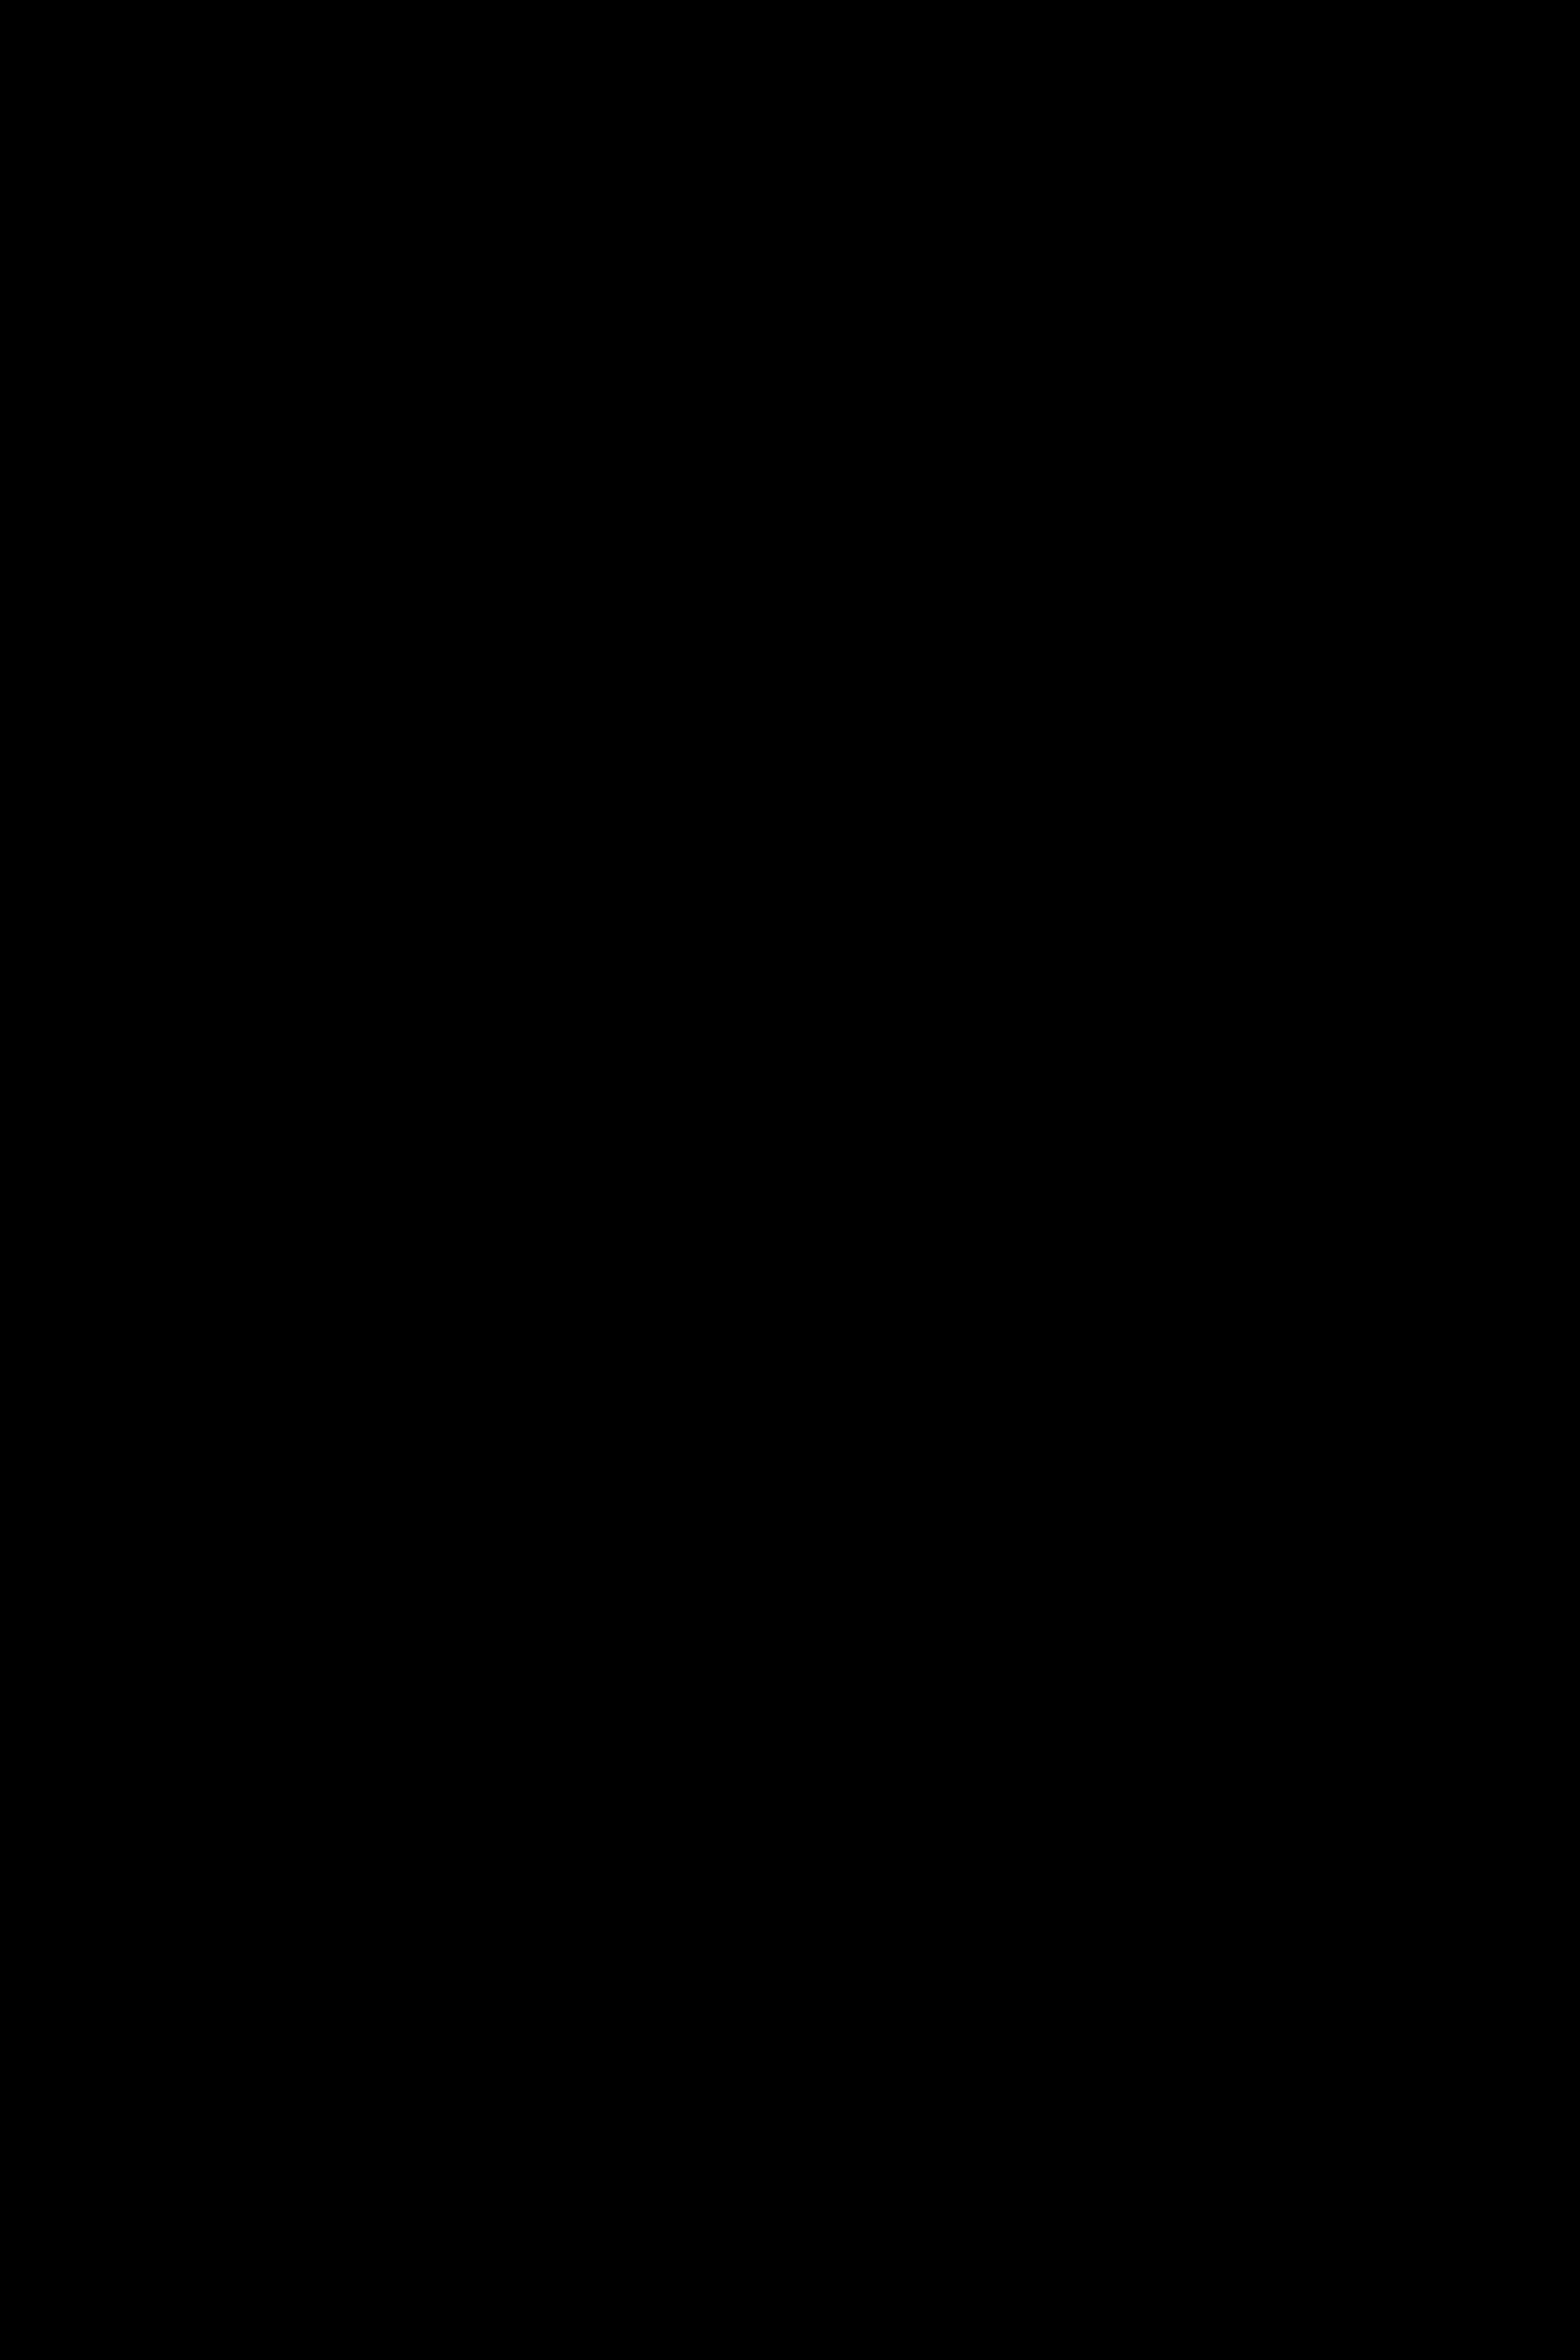 Szilveszteri vacsora & buli Balatonszárszón, a Holiday Resorts-ban!